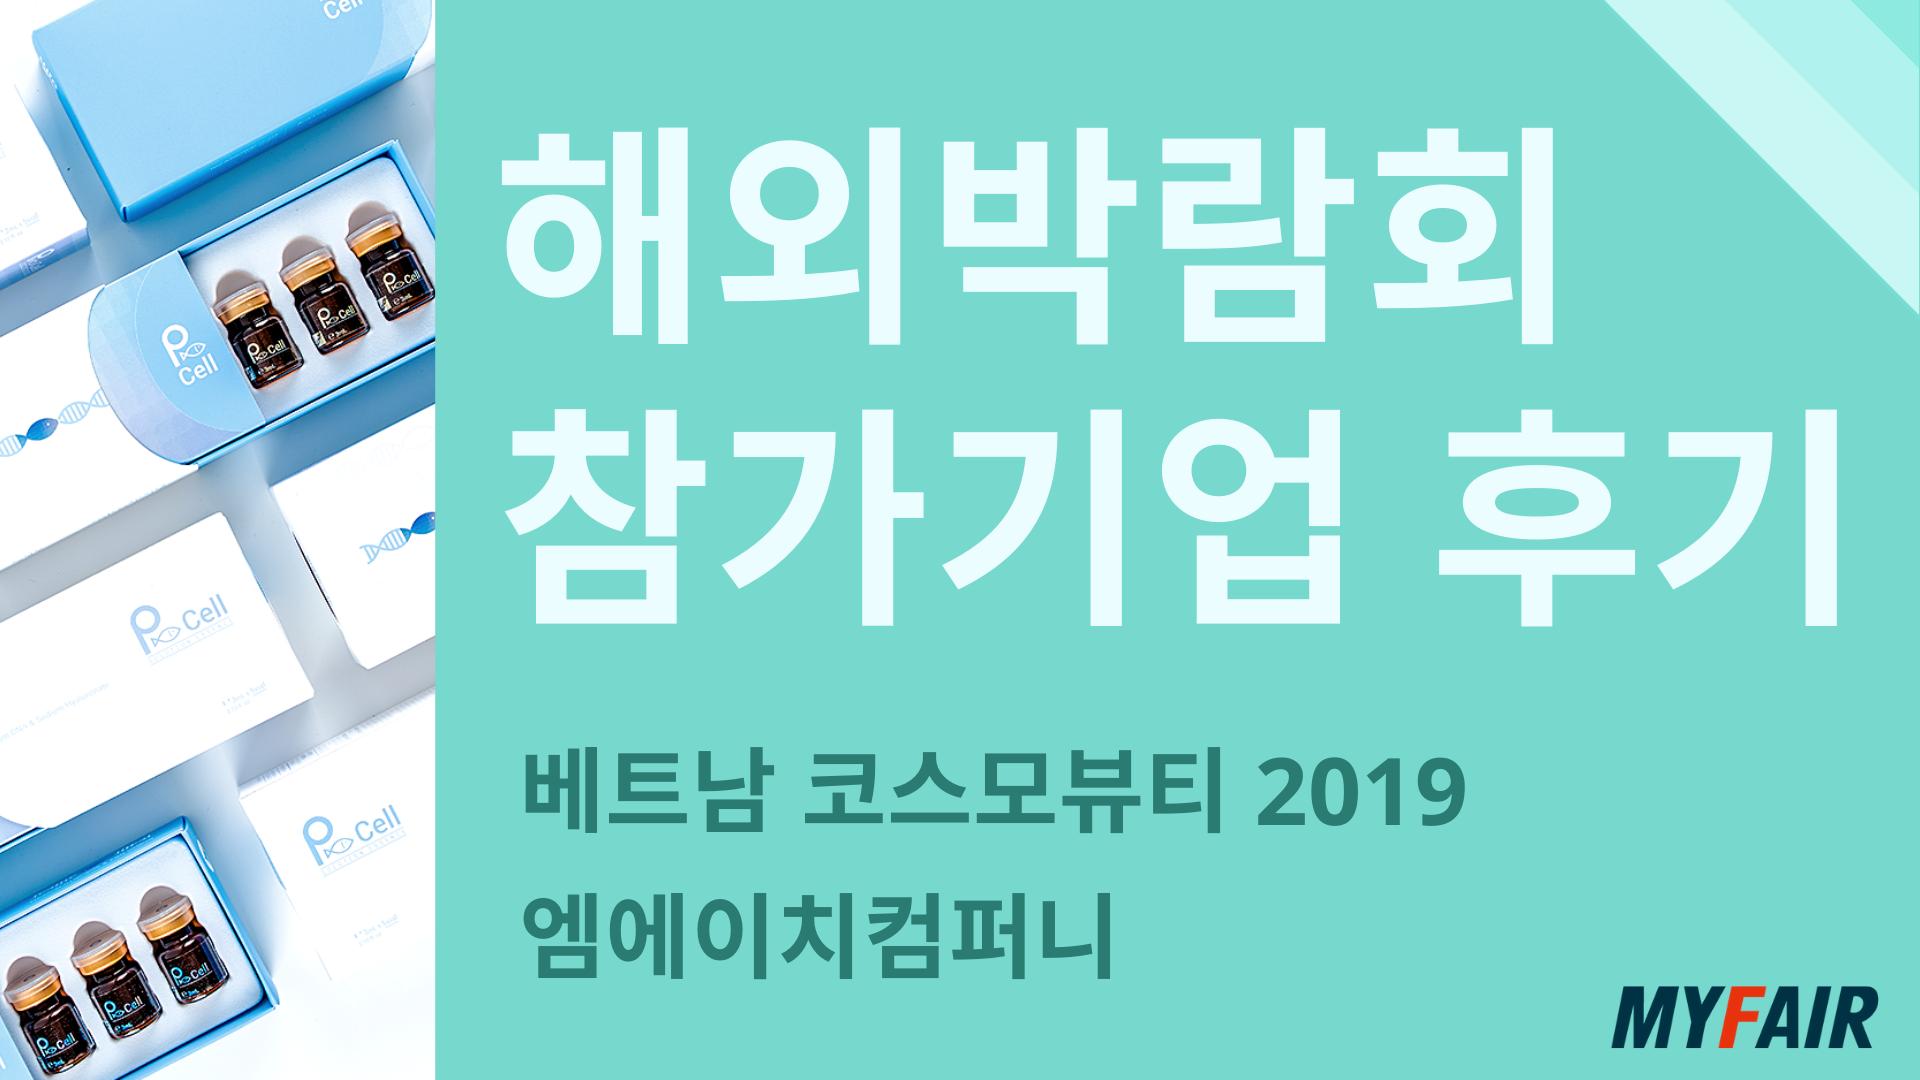 [해외박람회 후기] 베트남 코스모뷰티 2019 – 엠에이치컴퍼니